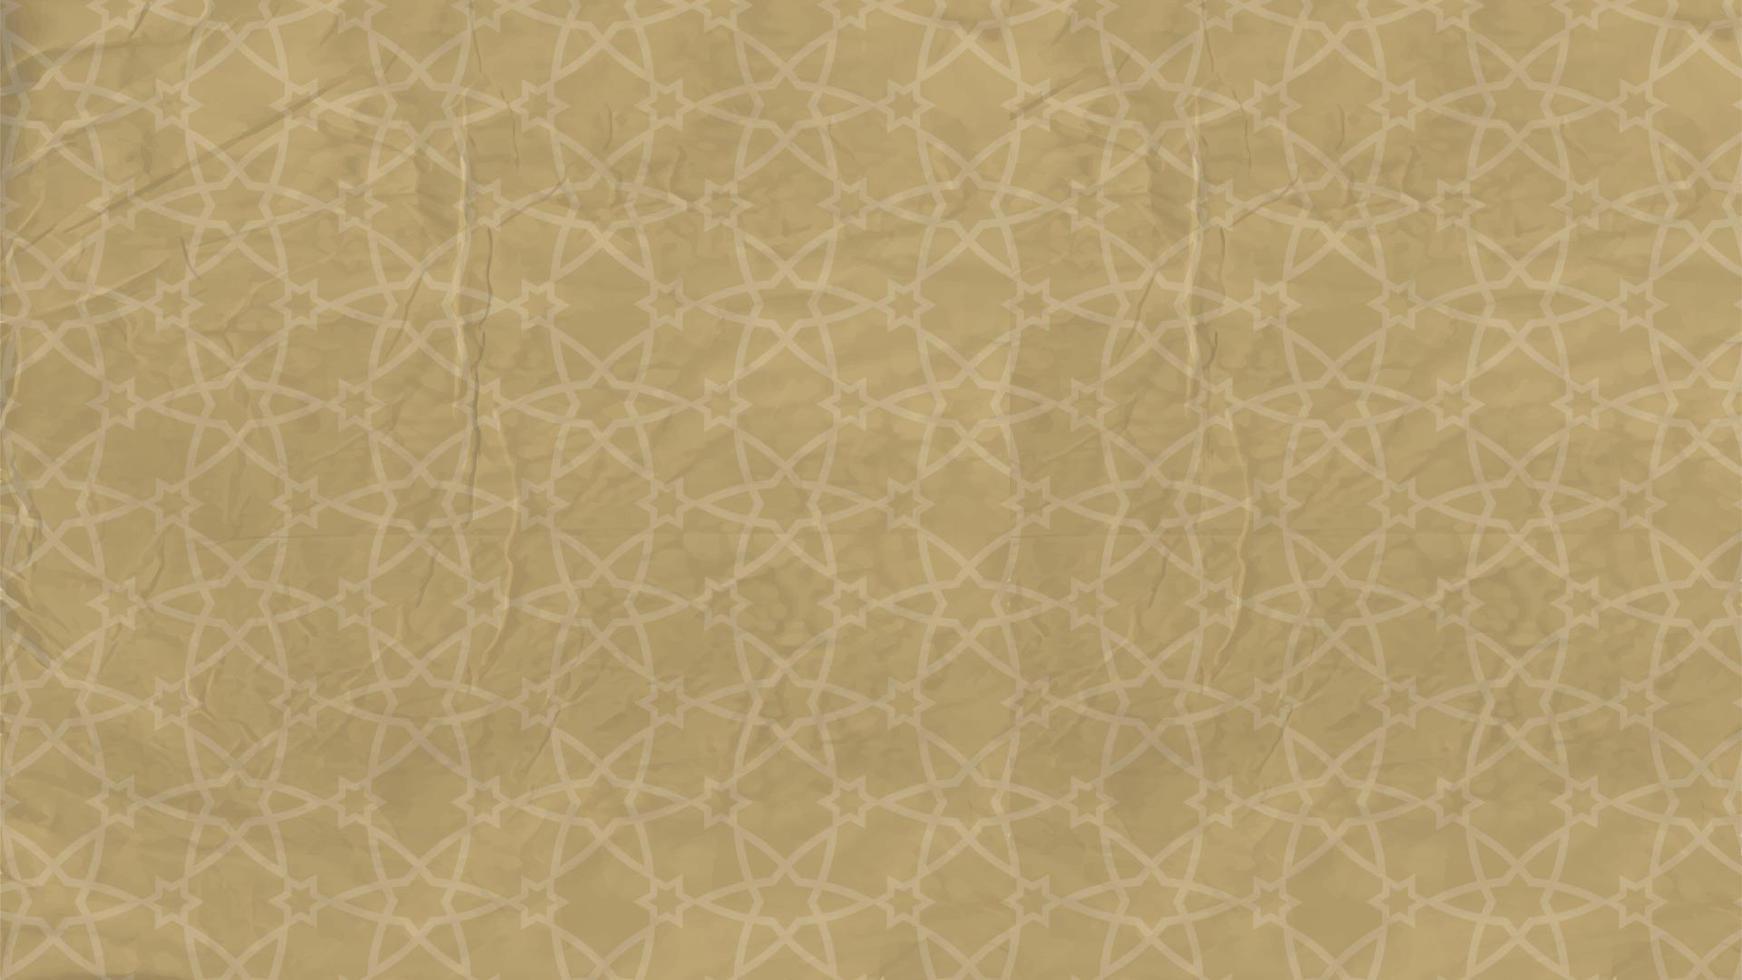 plano de fundo - padrão oriental com estrelas islâmicas, ornamento árabe em papel velho vetor